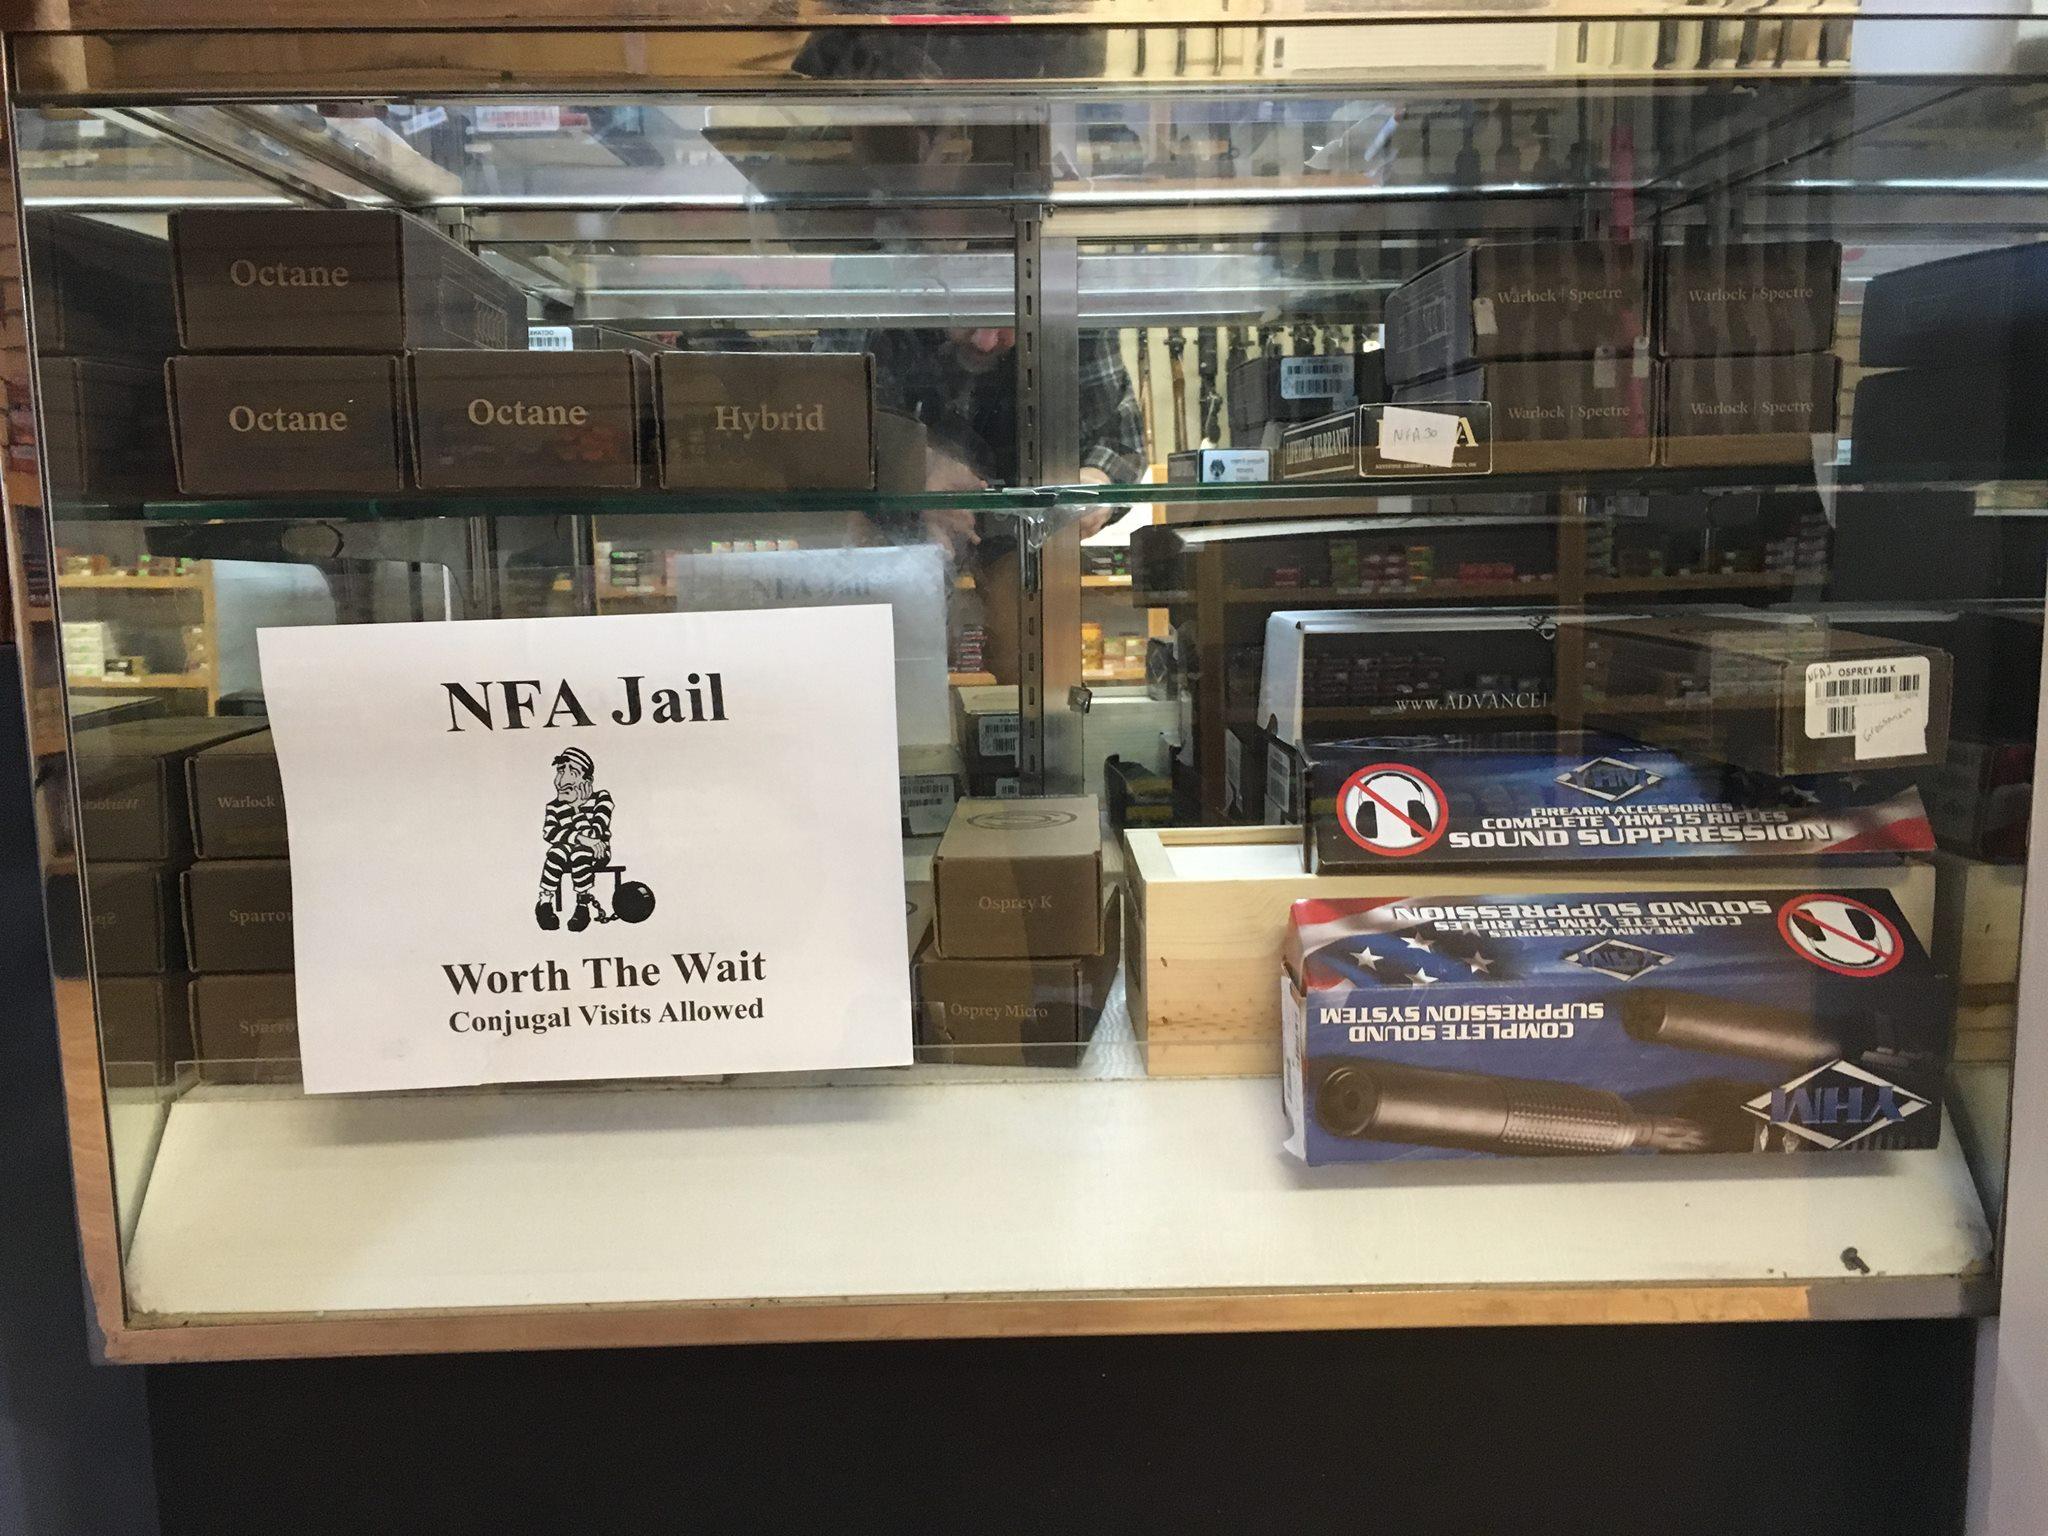 NFA Jail